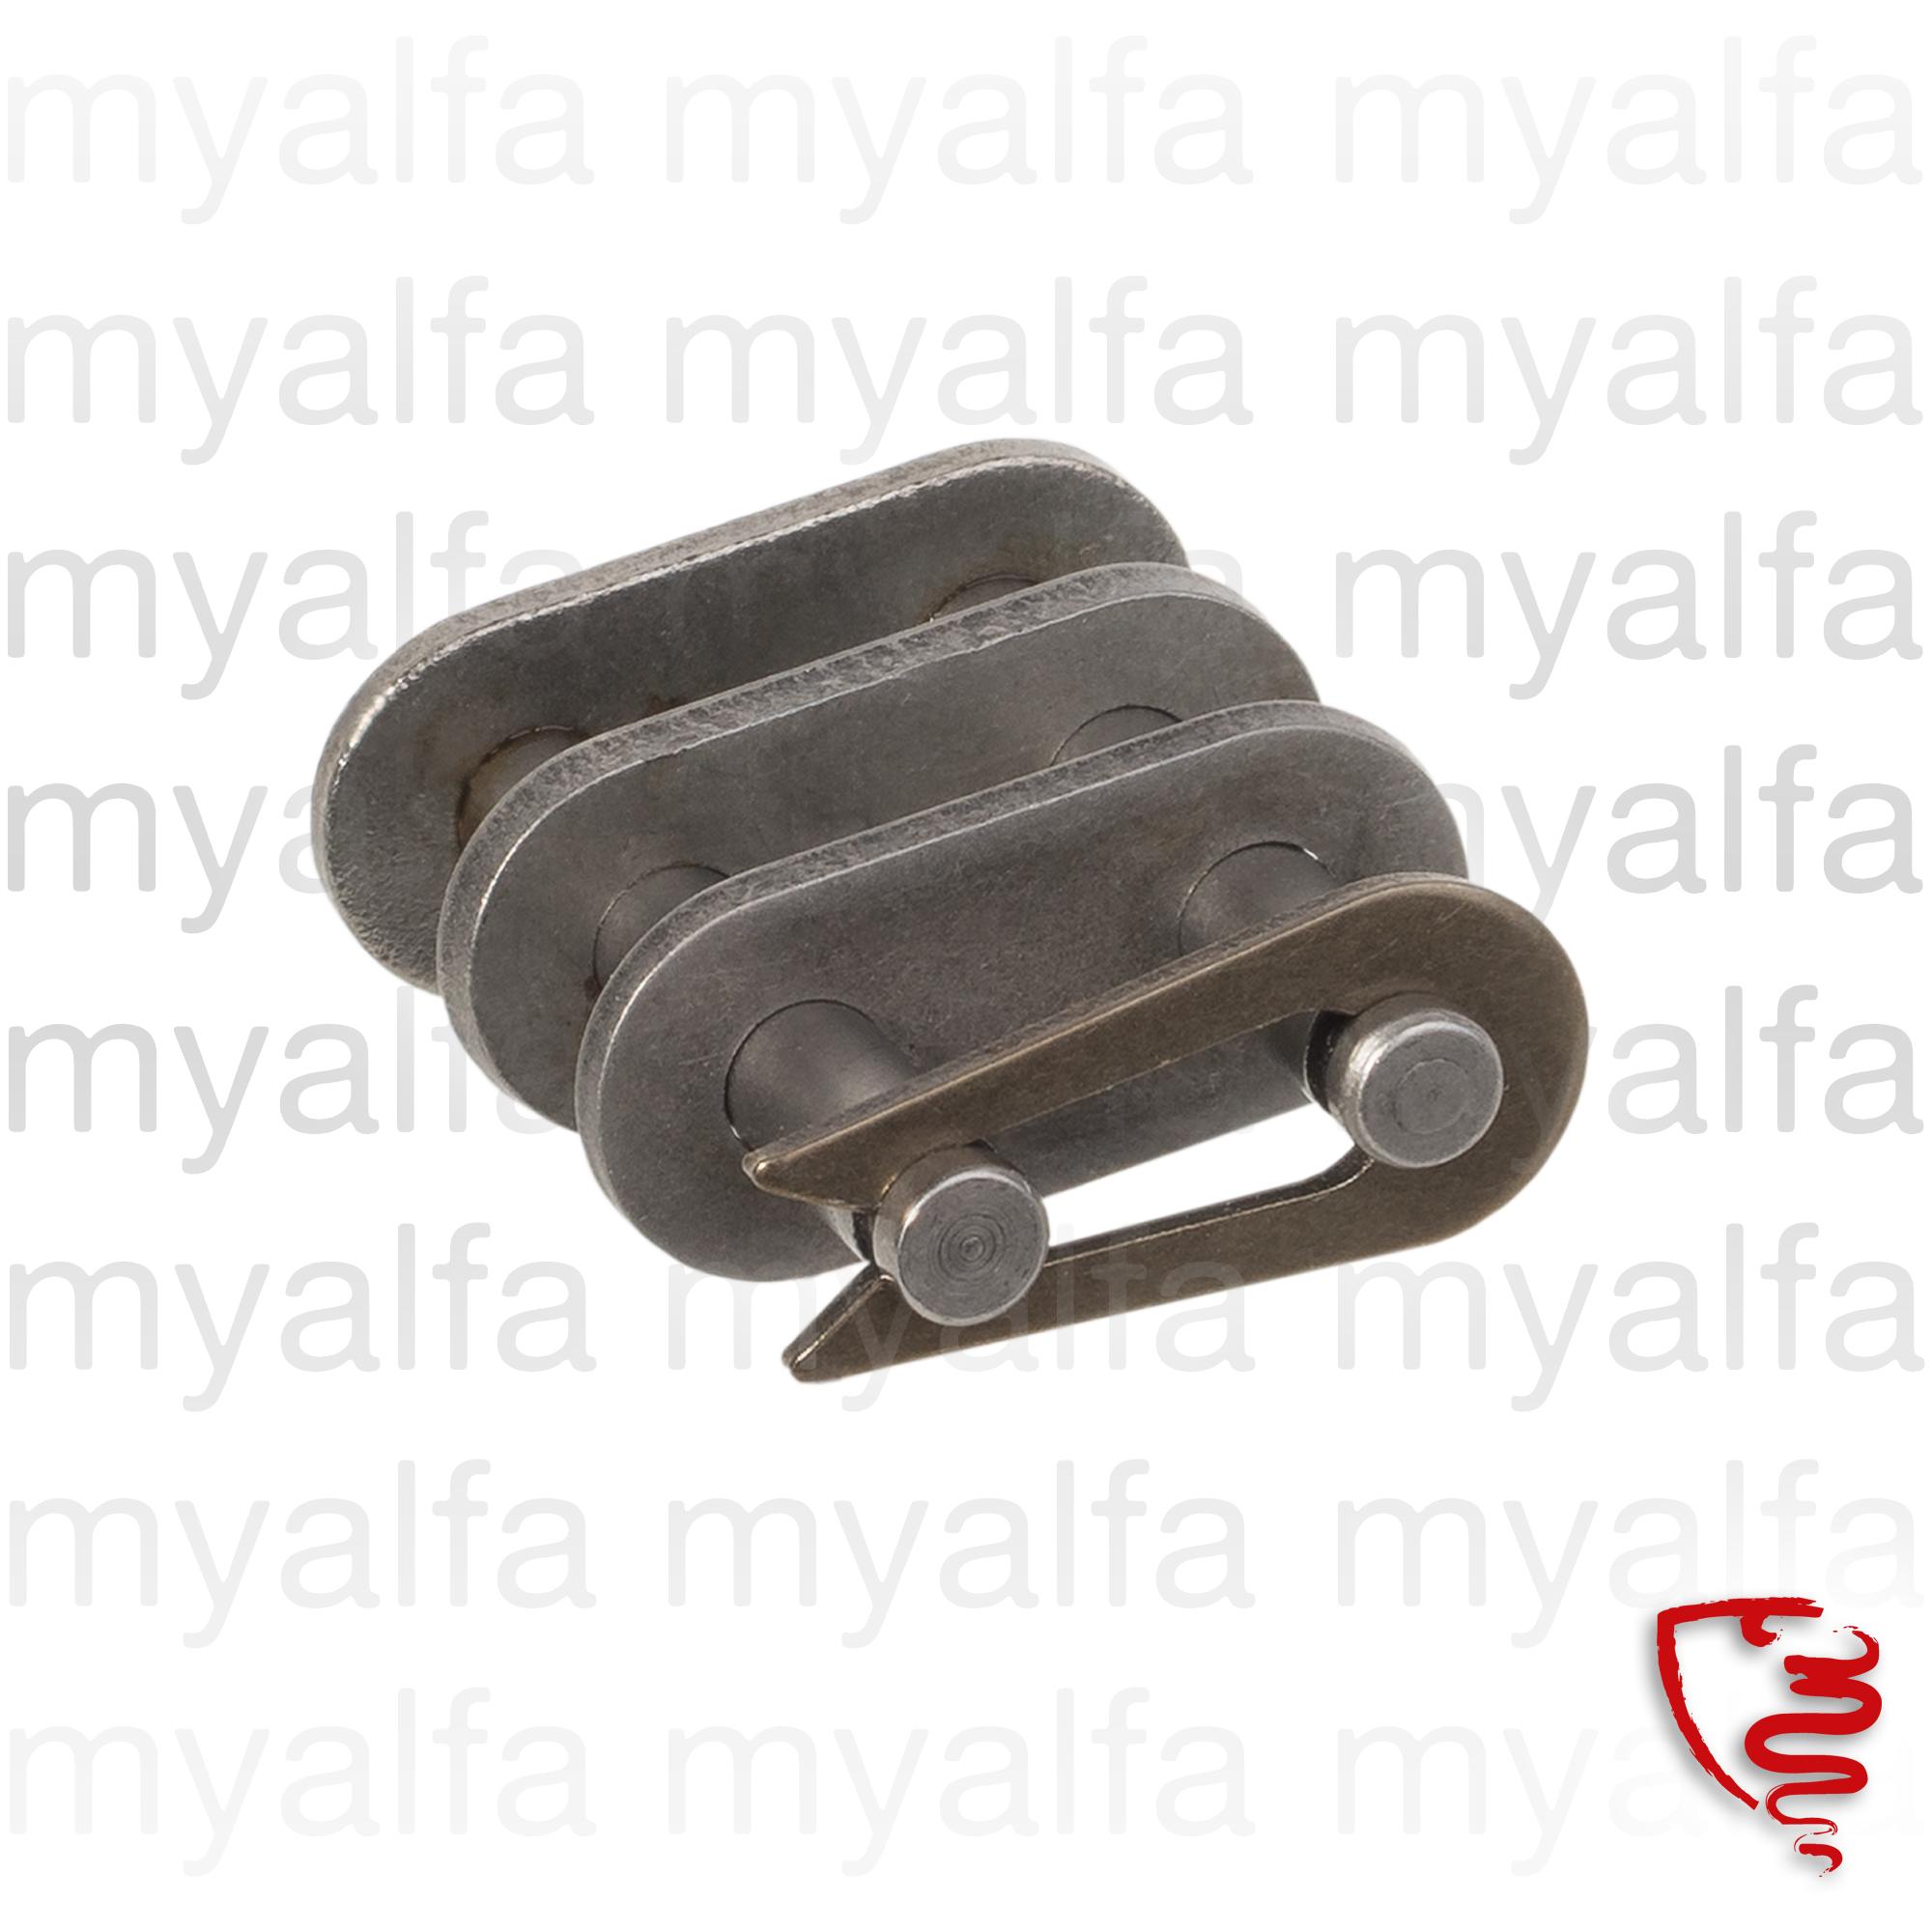 Brake power distribution for 105/115, Engine, Cylinder head, Timing / Camshafts